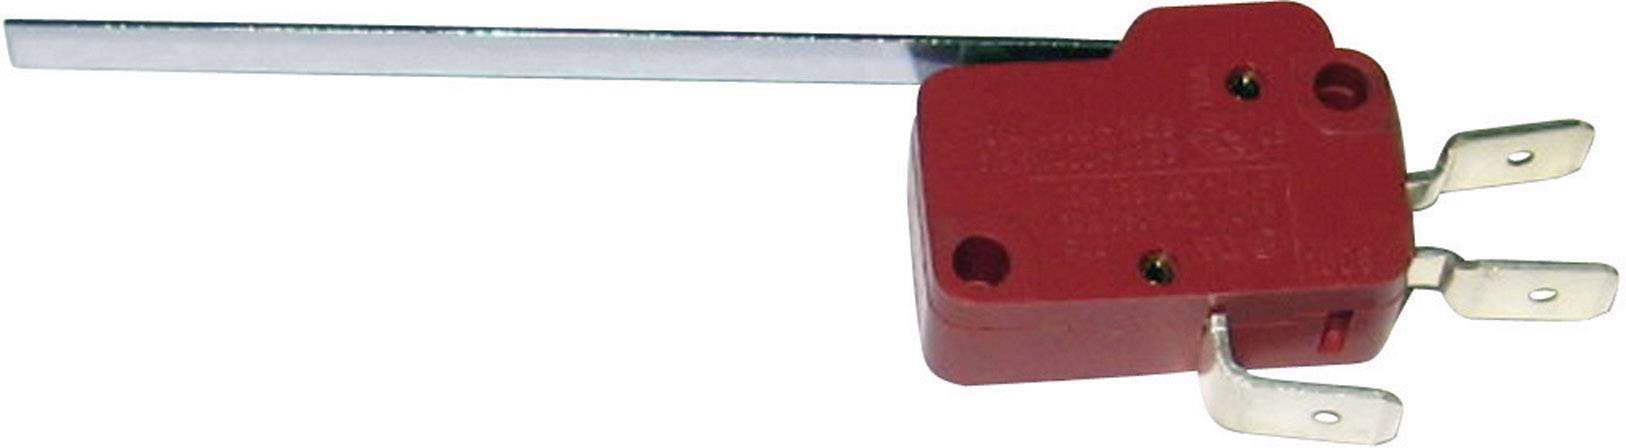 Mikrospínač - rovná kovová páka Marquardt 1006.1301, 250 V/AC, 10 A